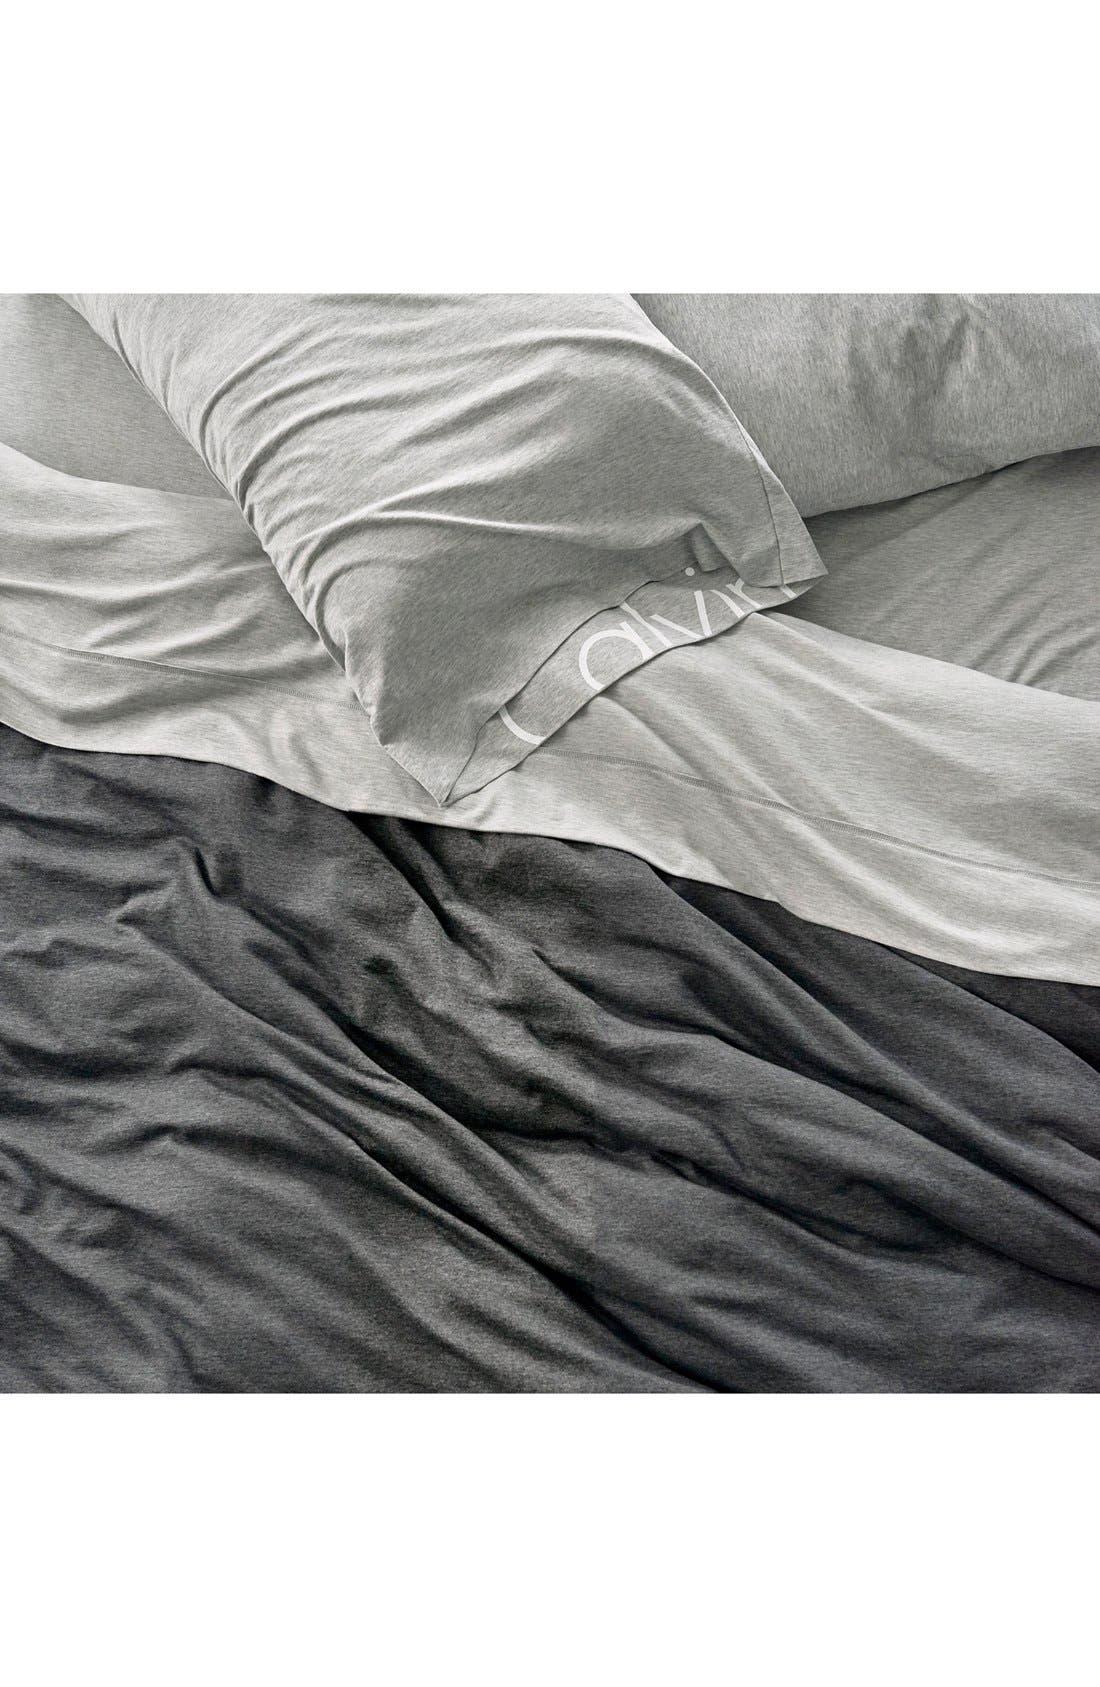 Modern Cotton Collection Cotton & Modal Pillowcases,                             Alternate thumbnail 2, color,                             GREY